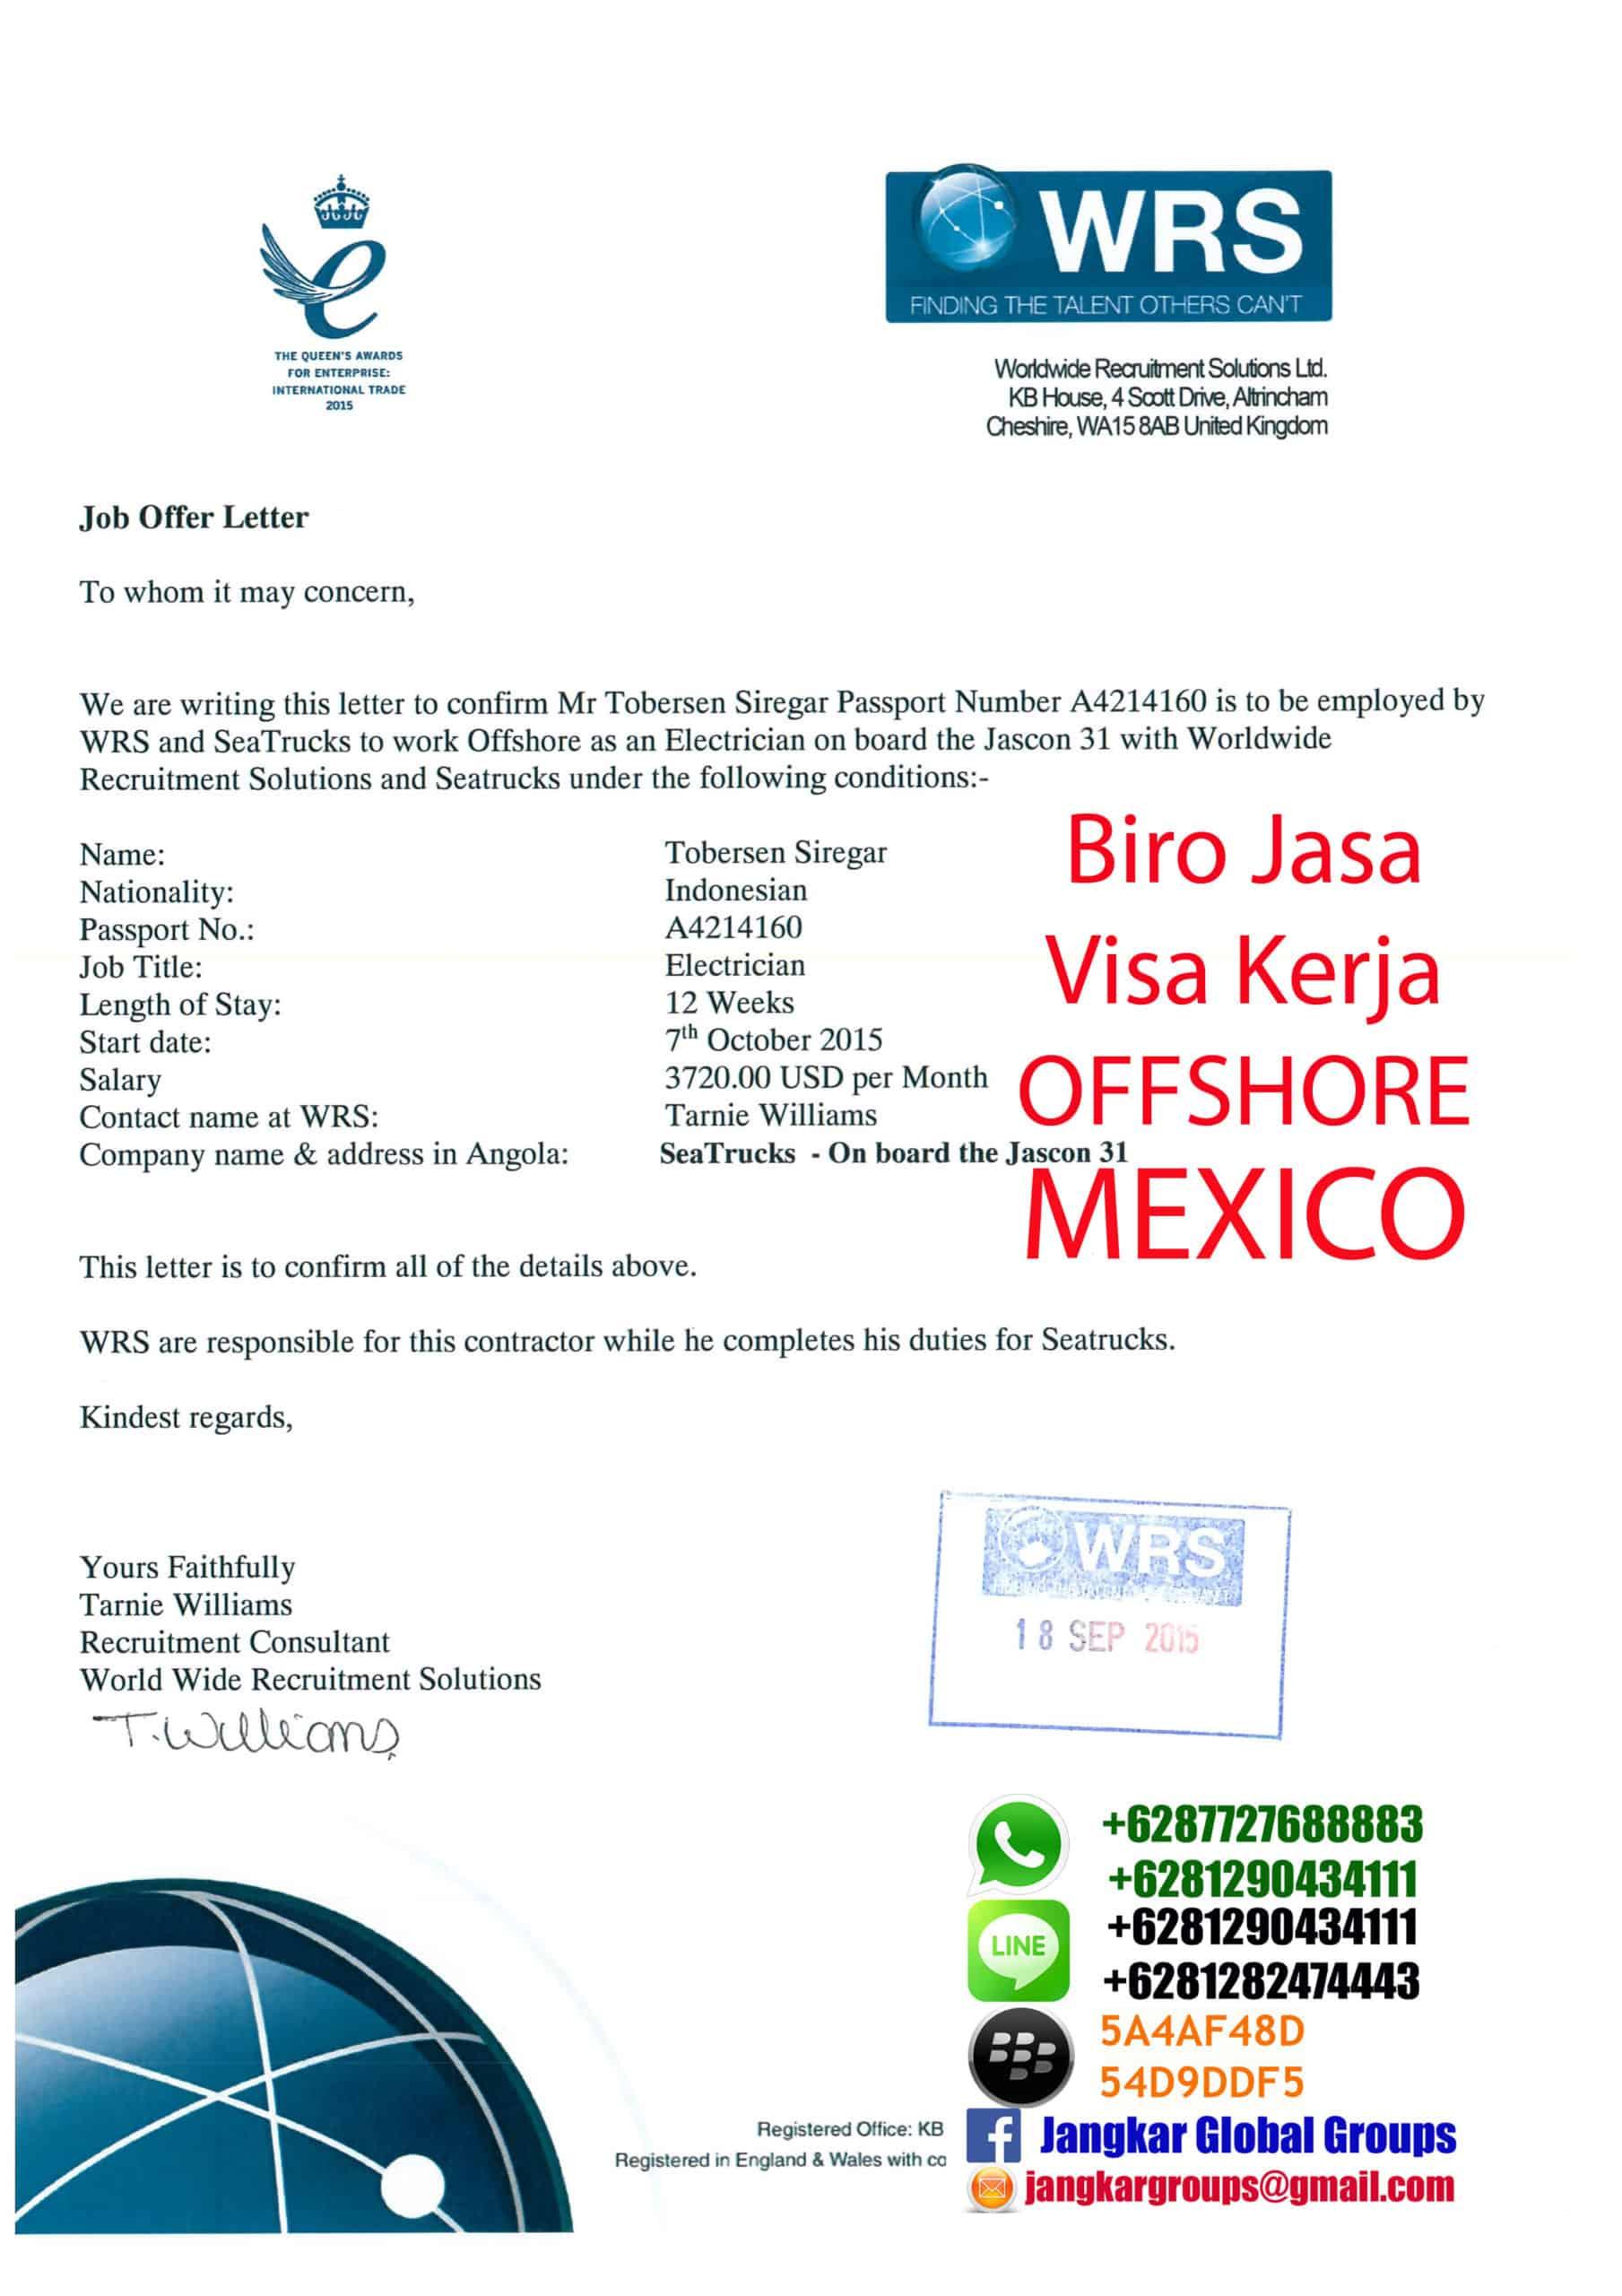 job offer letter mexico Jangkar Groups